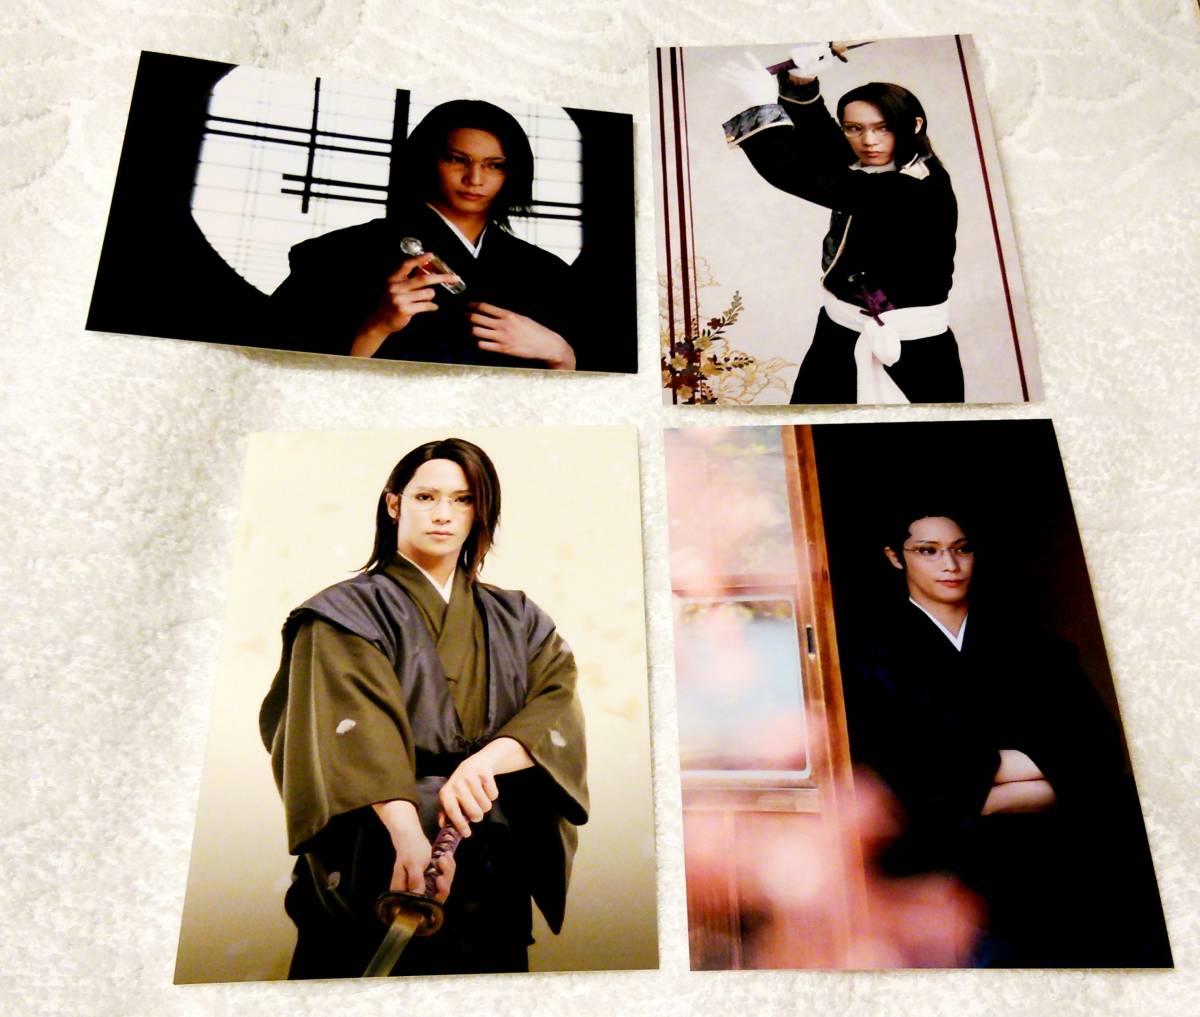 【即決】味方良介◆山南敬助 / ミュージカル「薄桜鬼」ブロマイド(生写真) 4枚セット